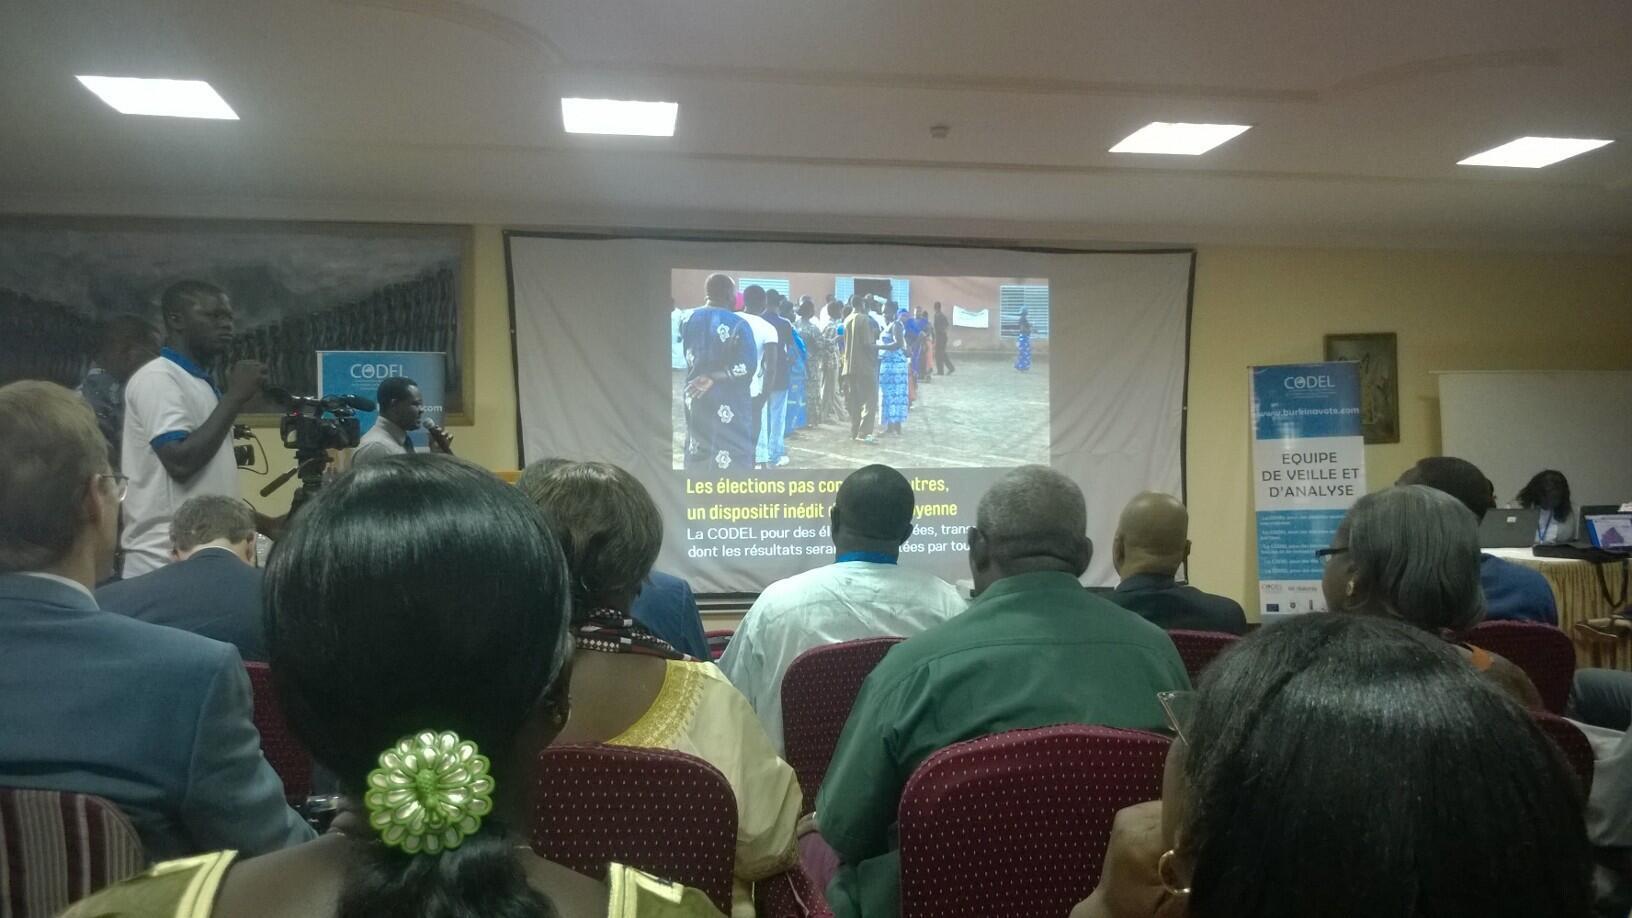 Codel members gather in Ouagadougou, 25 November 2015